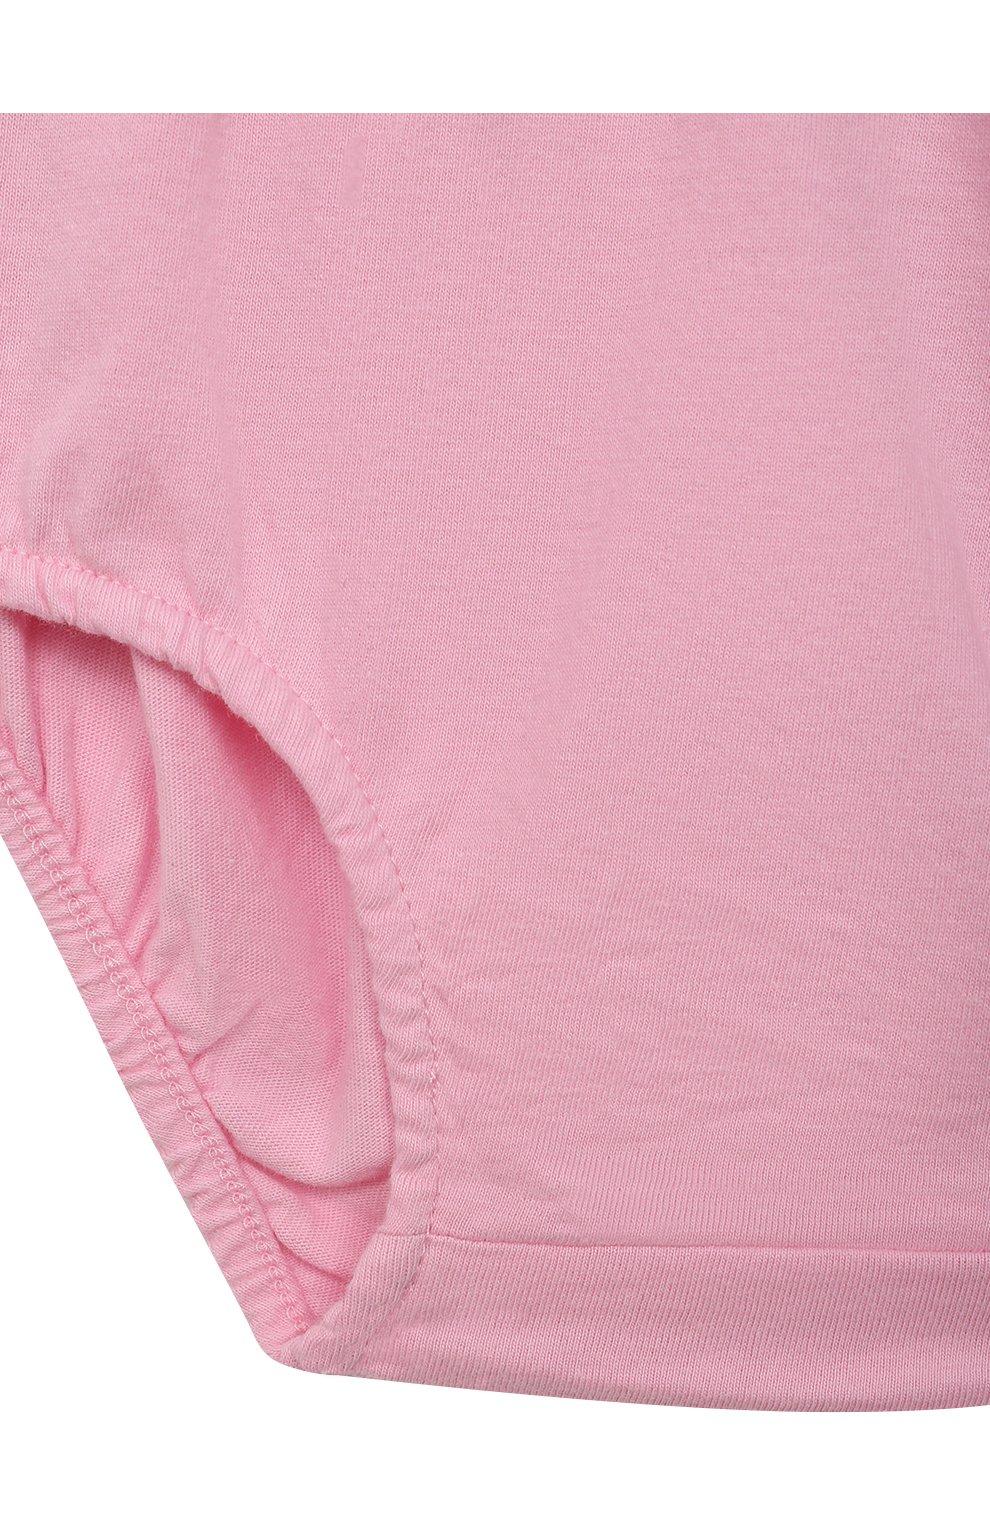 Женский комплект из платья и шорт POLO RALPH LAUREN розового цвета, арт. 310835081 | Фото 7